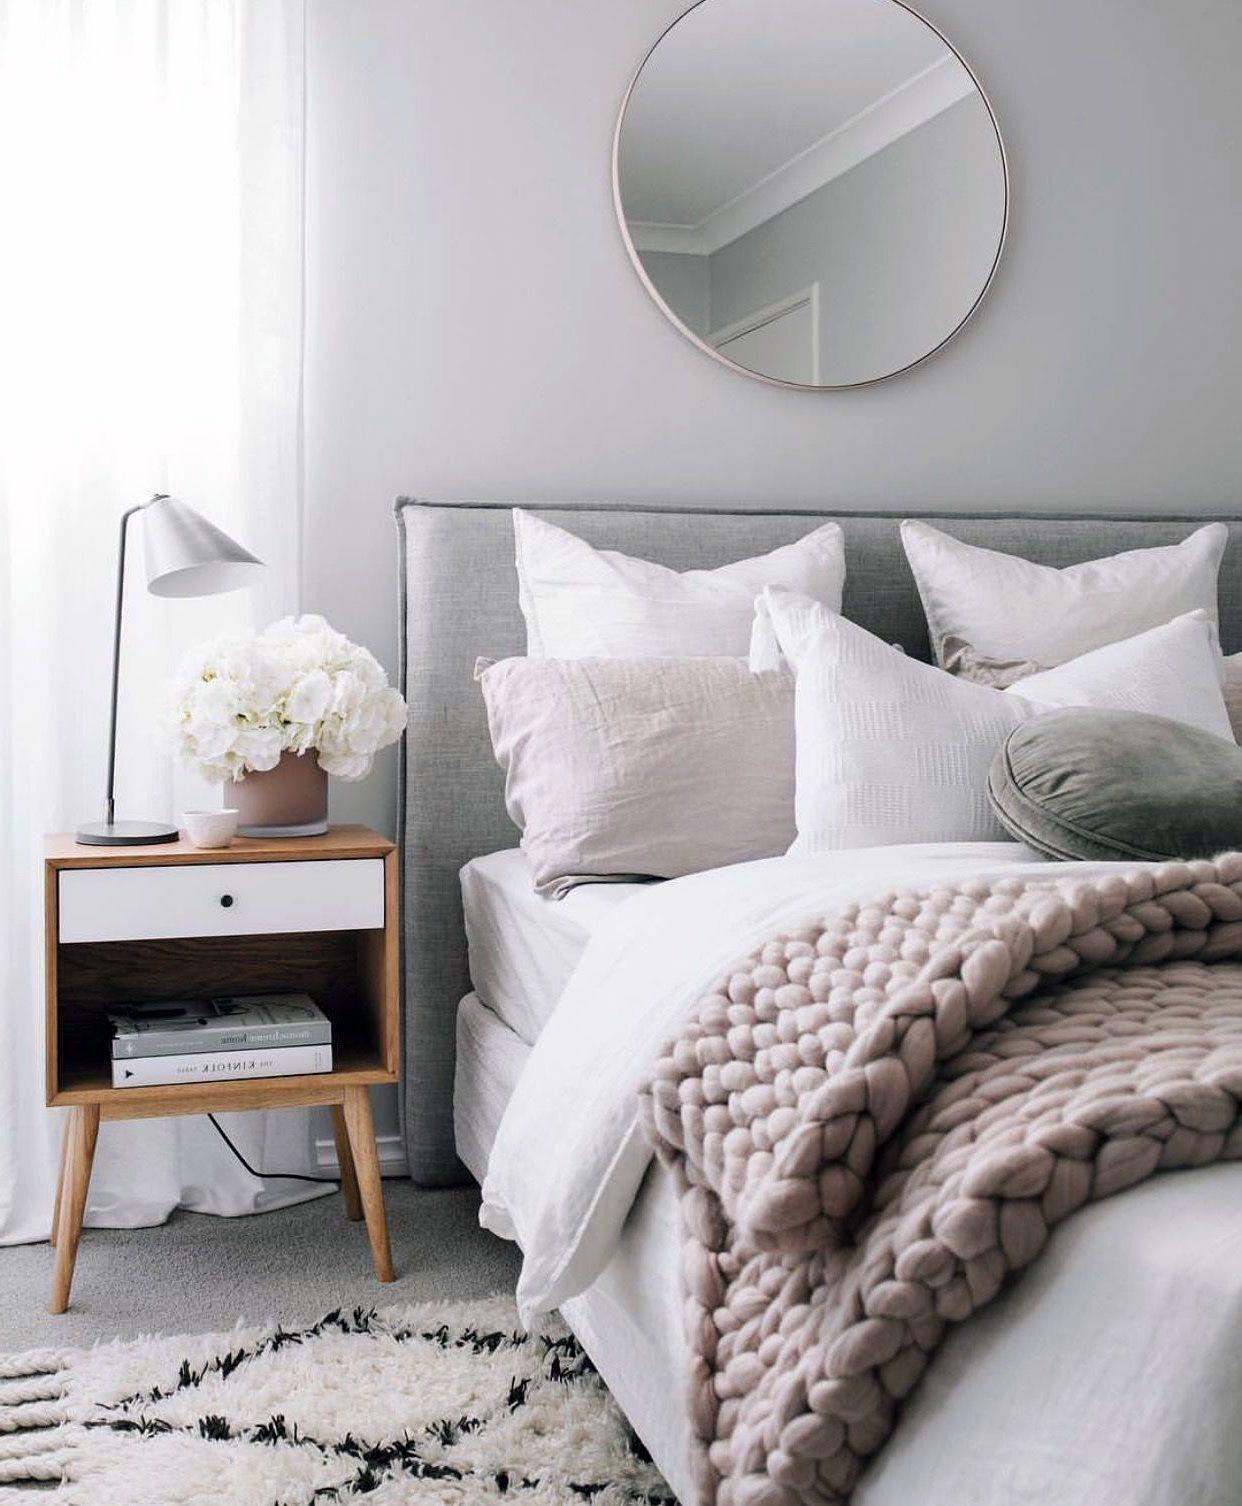 27 Grey Scandinavian Interior Bedroom Ideas You Must Try In 2020 Scandinavian Style Bedroom Apartment Bedroom Design Scandinavian Interior Bedroom